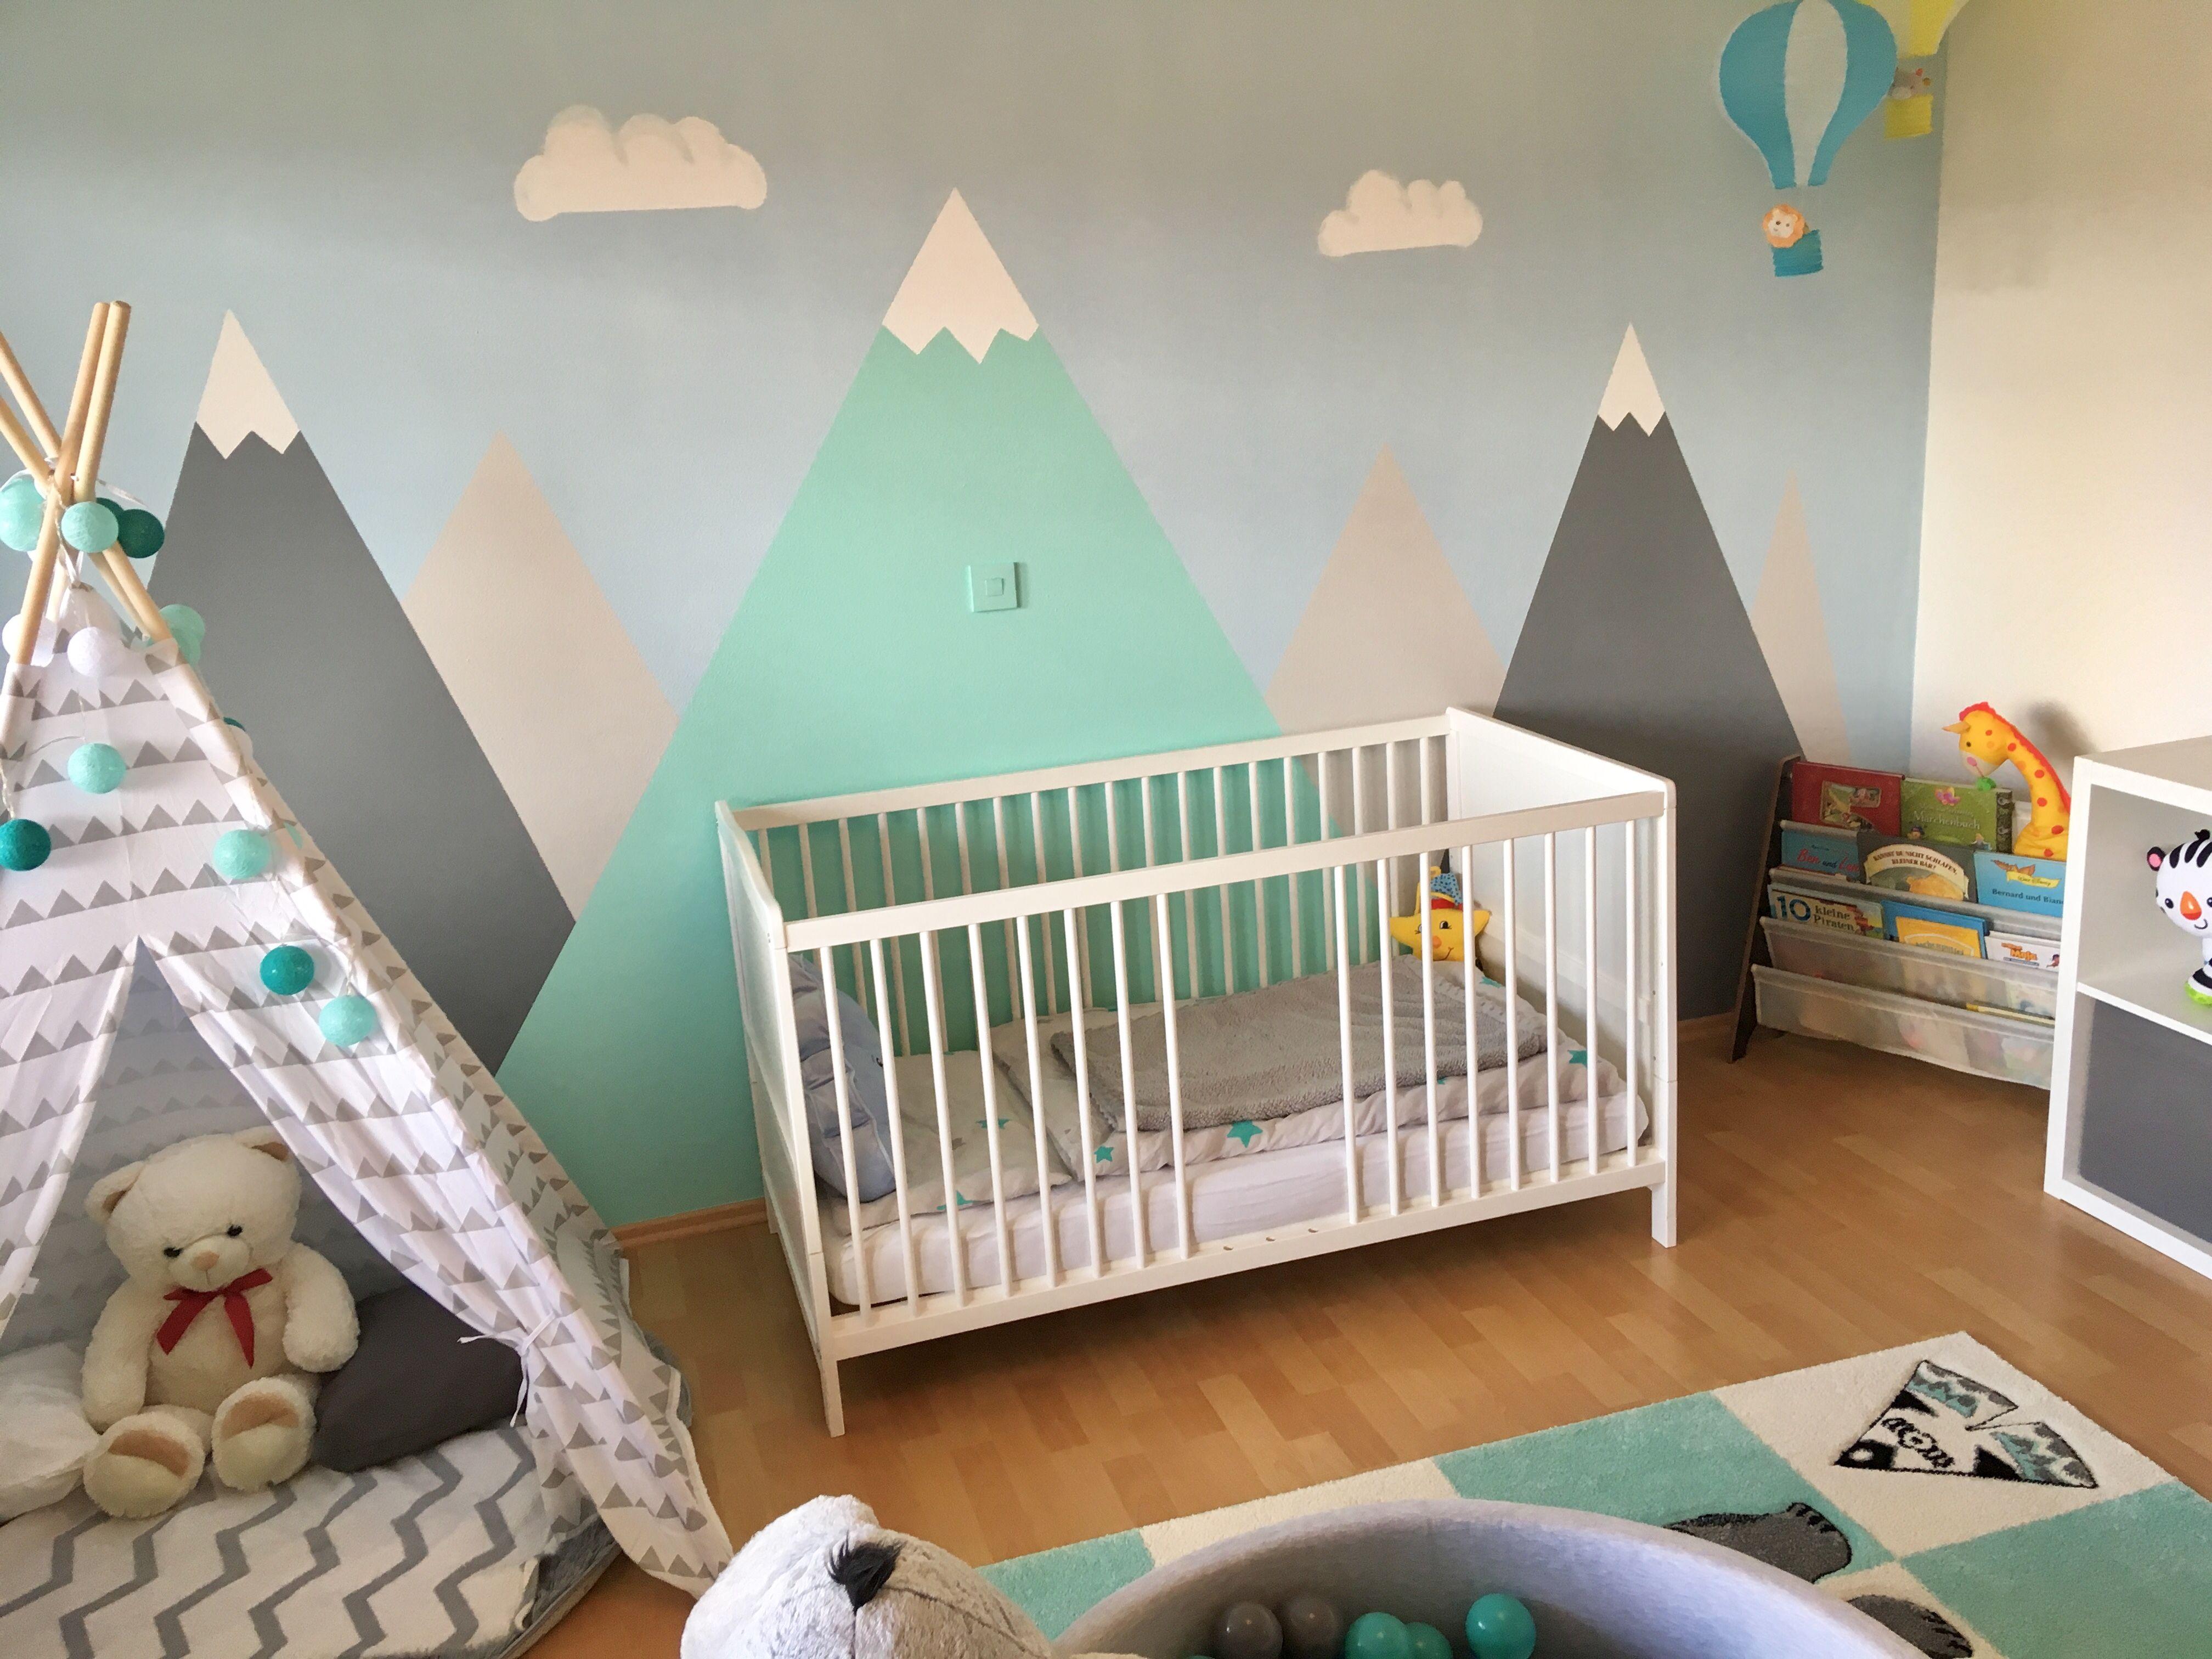 Kinderzimmer Junge Berge Mountains Heißluftballon Tipi Indianer Bällebad Kinder Zimmer Kinder Zimmer Deko Kinderzimmer